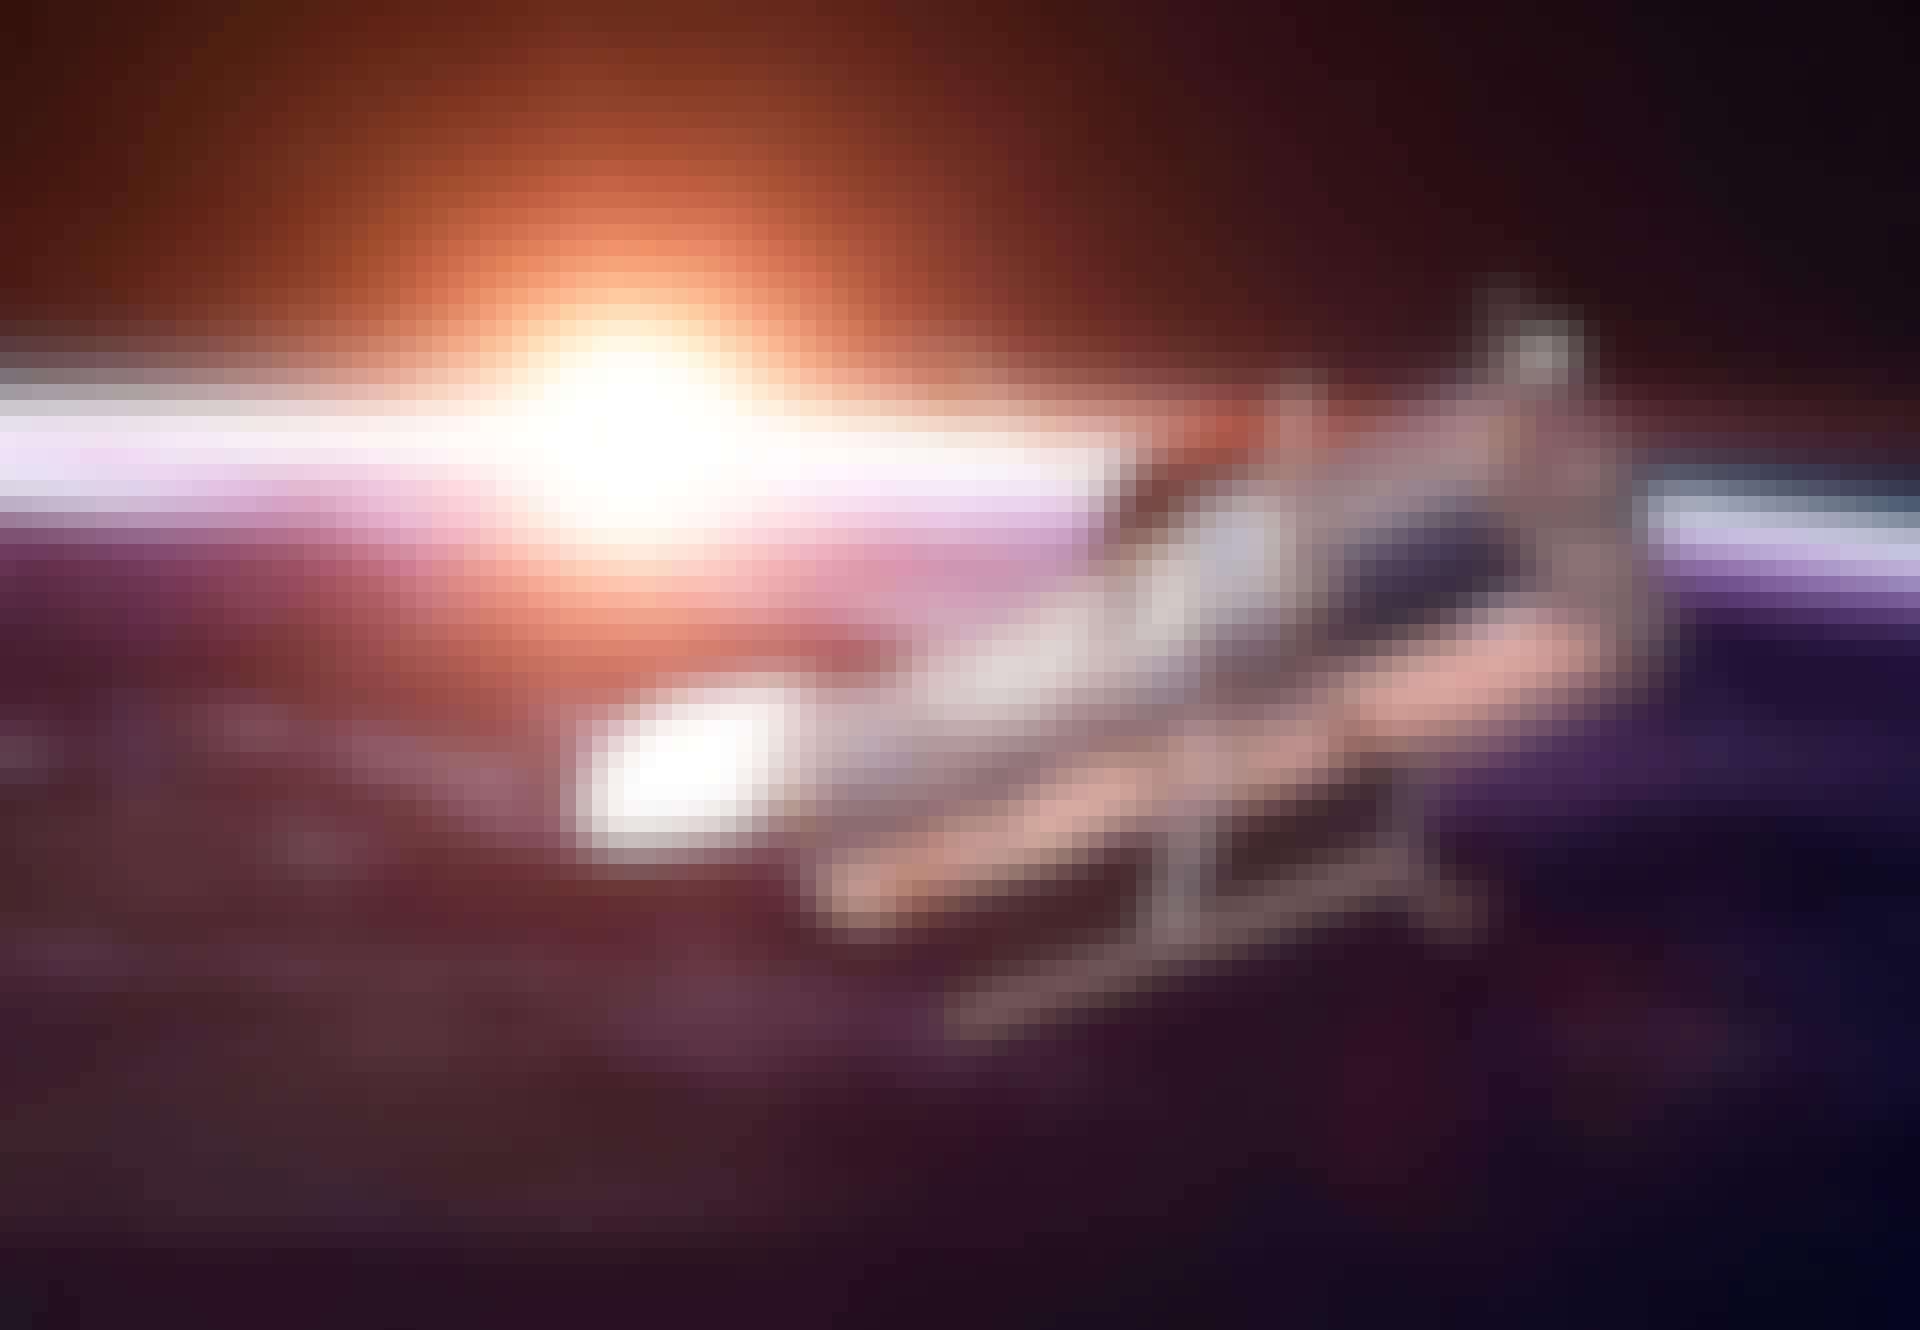 Hubble-teleskopet i kredsløb om Jorden